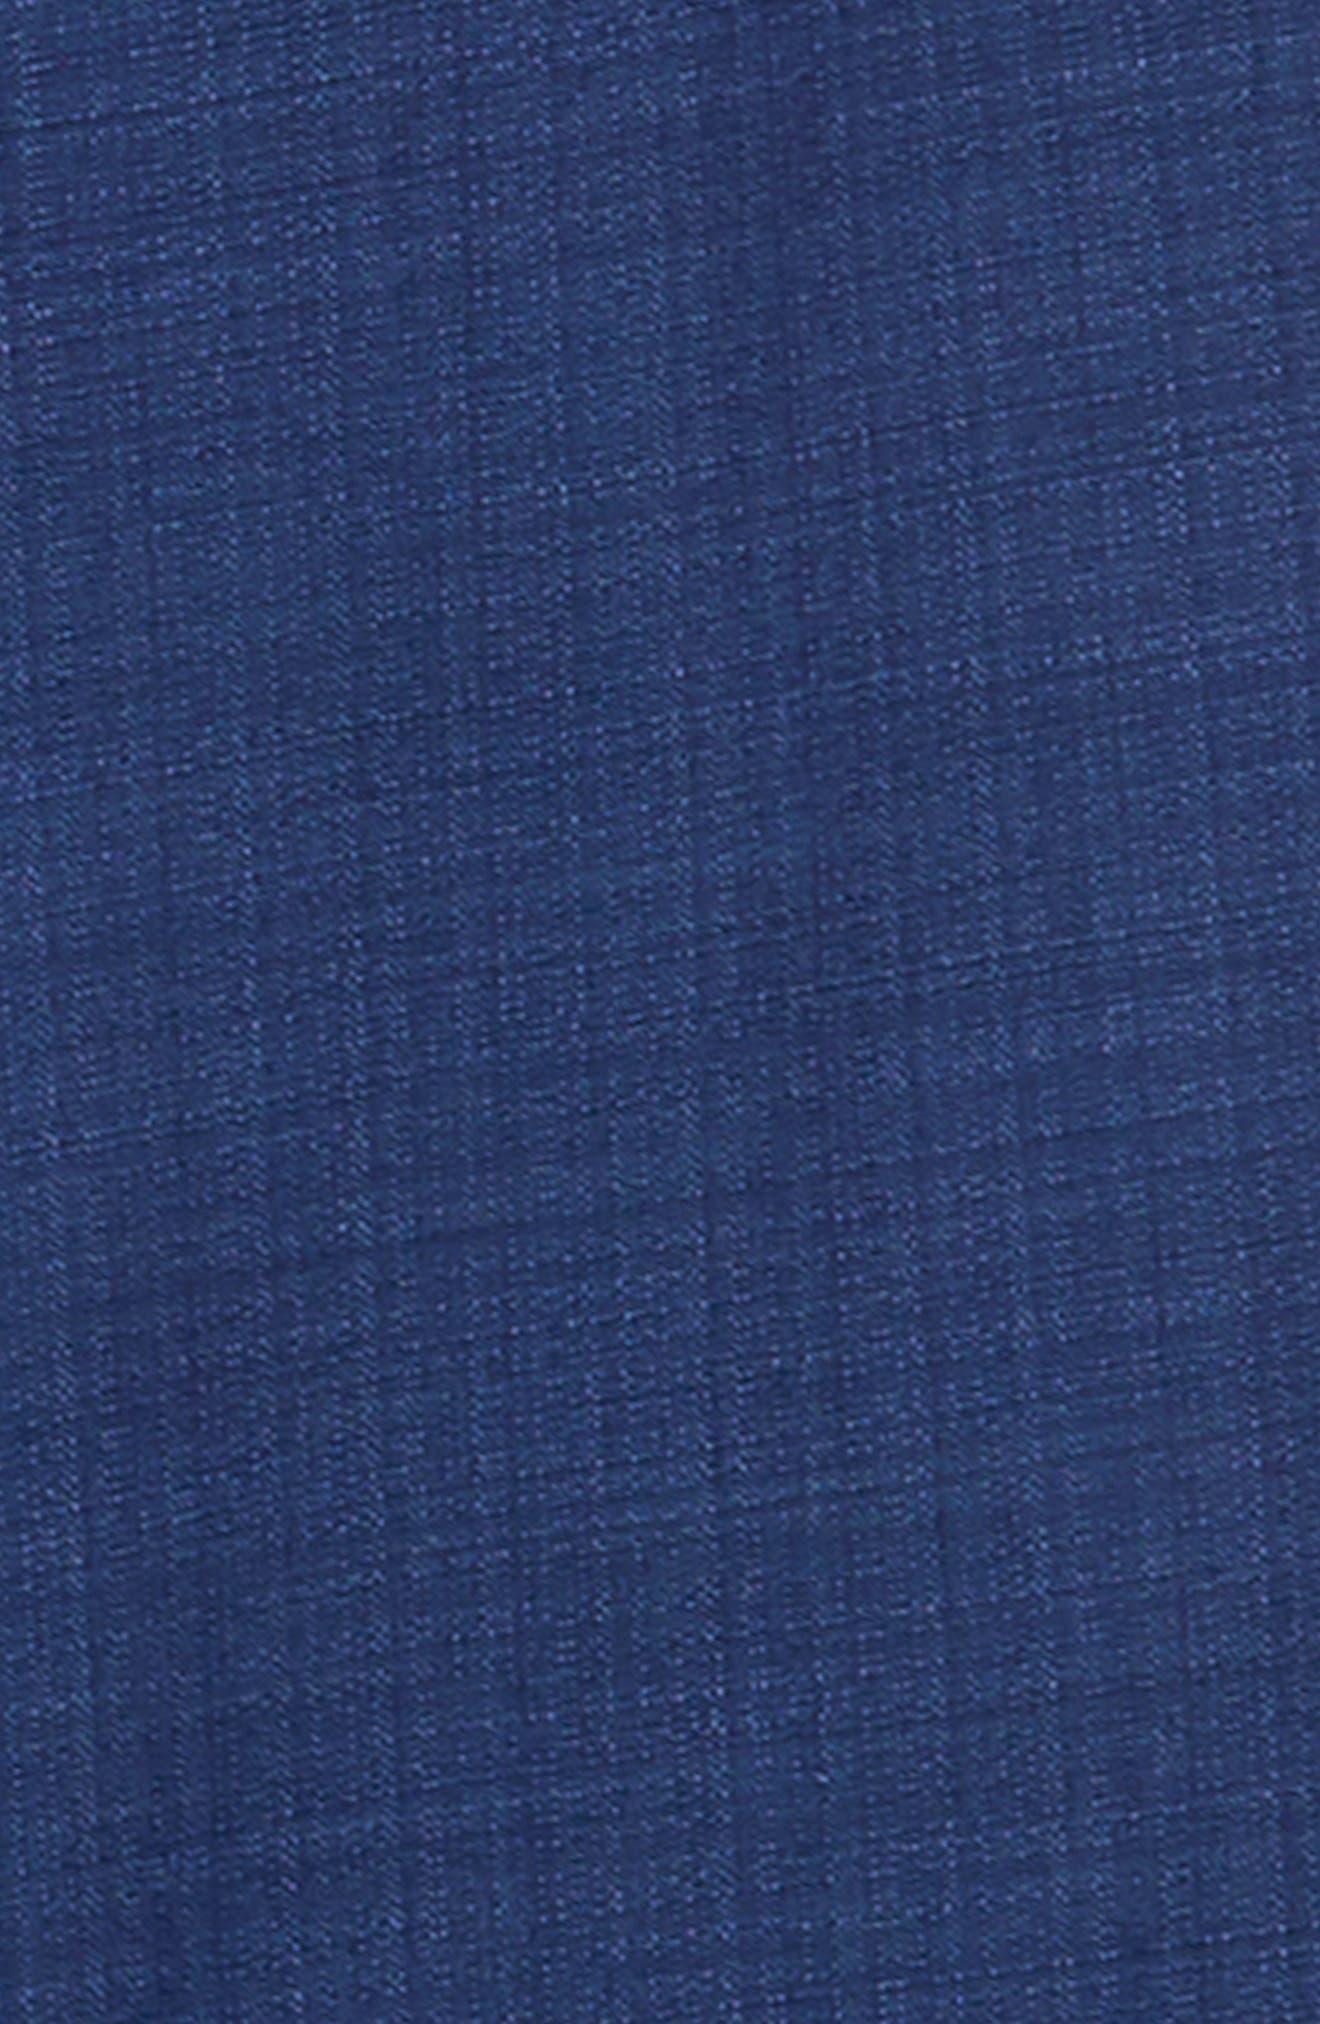 Textured Suit,                             Alternate thumbnail 2, color,                             420